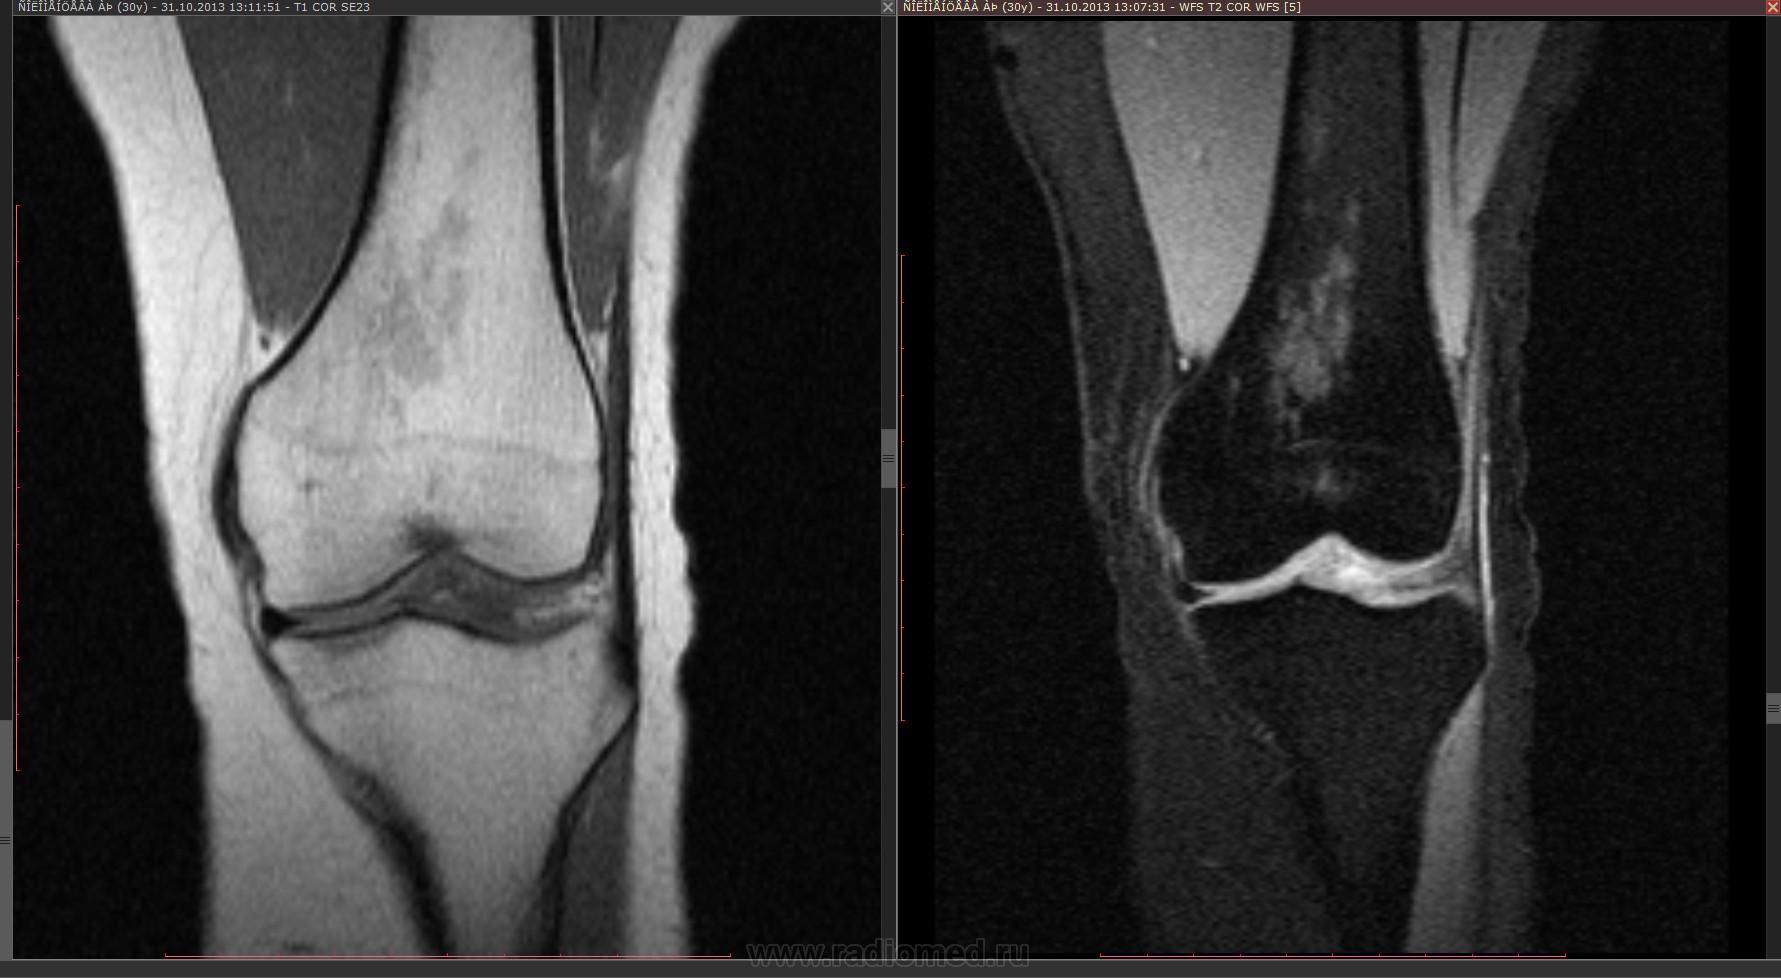 Отек костного мозга коленного сустава нсп артроз коленного сустава